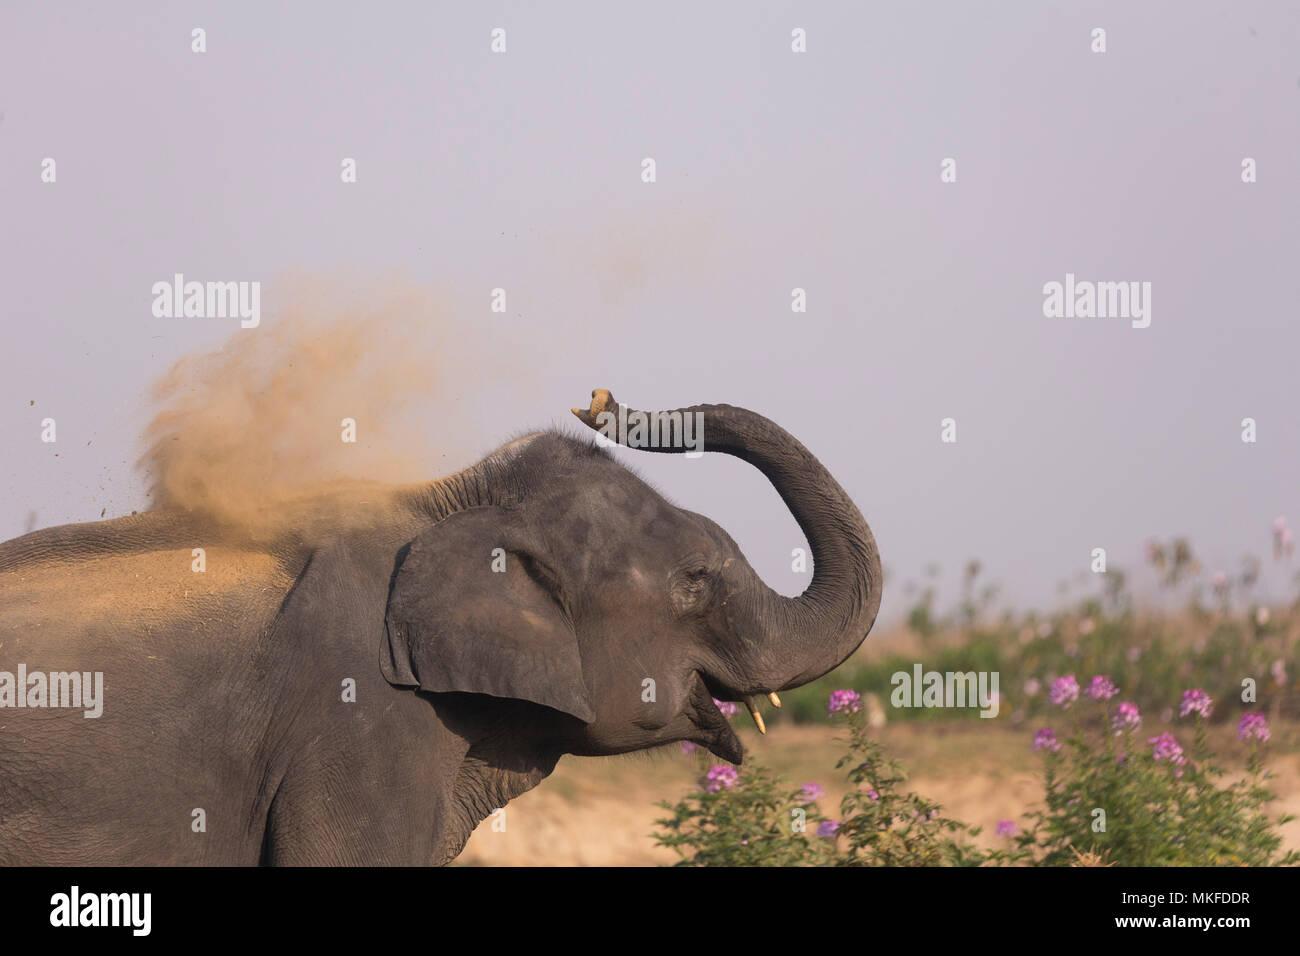 Les éléphants d'Asie (Elephas maximus) poussières baignade, parc national de Kaziranga, état de l'Assam, Inde Photo Stock